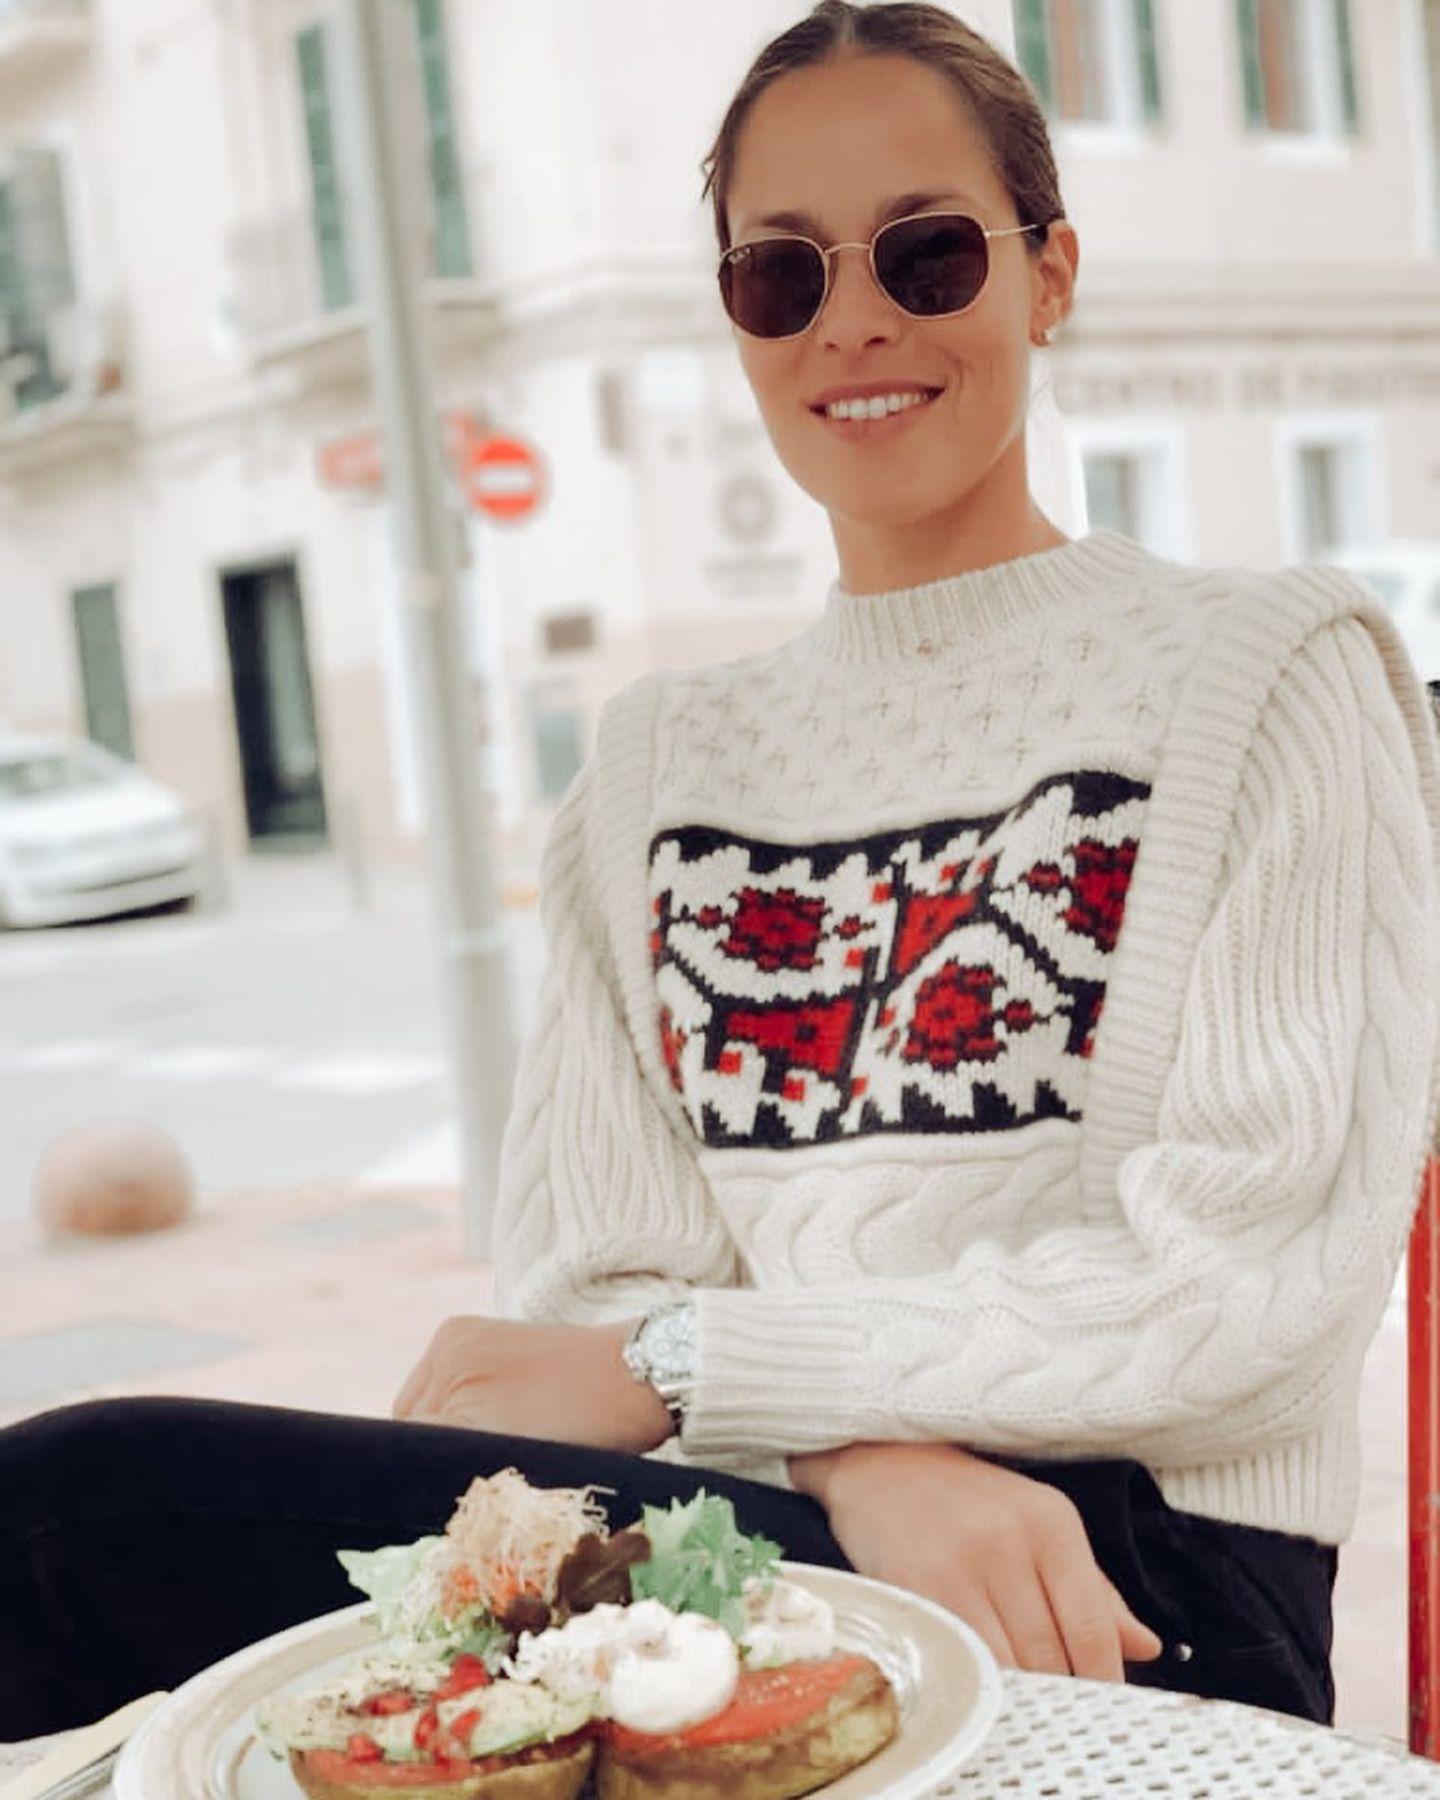 Auch in der Winterzeit setzt Ana Ivanovic auf eine gesunde und ausgewogene Ernährung. Eingekuschelt in einen warmen Pullover genießt sie ihr liebstes Frühstück, das aus einem Avocado-Toast mit pochiertem Ei besteht. Dazu darf es dann gerne ein Matcha-Latte sein, der die Sportlerin von innen wärmt.